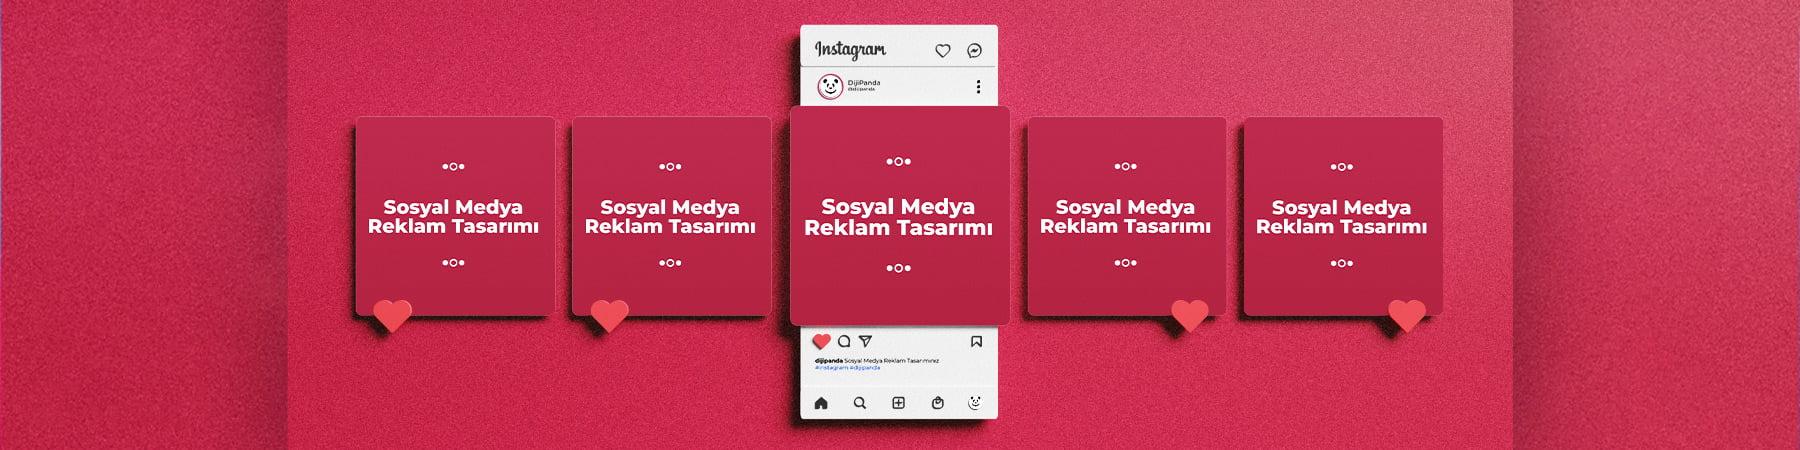 Sosyal Medya Reklam Tasarımı